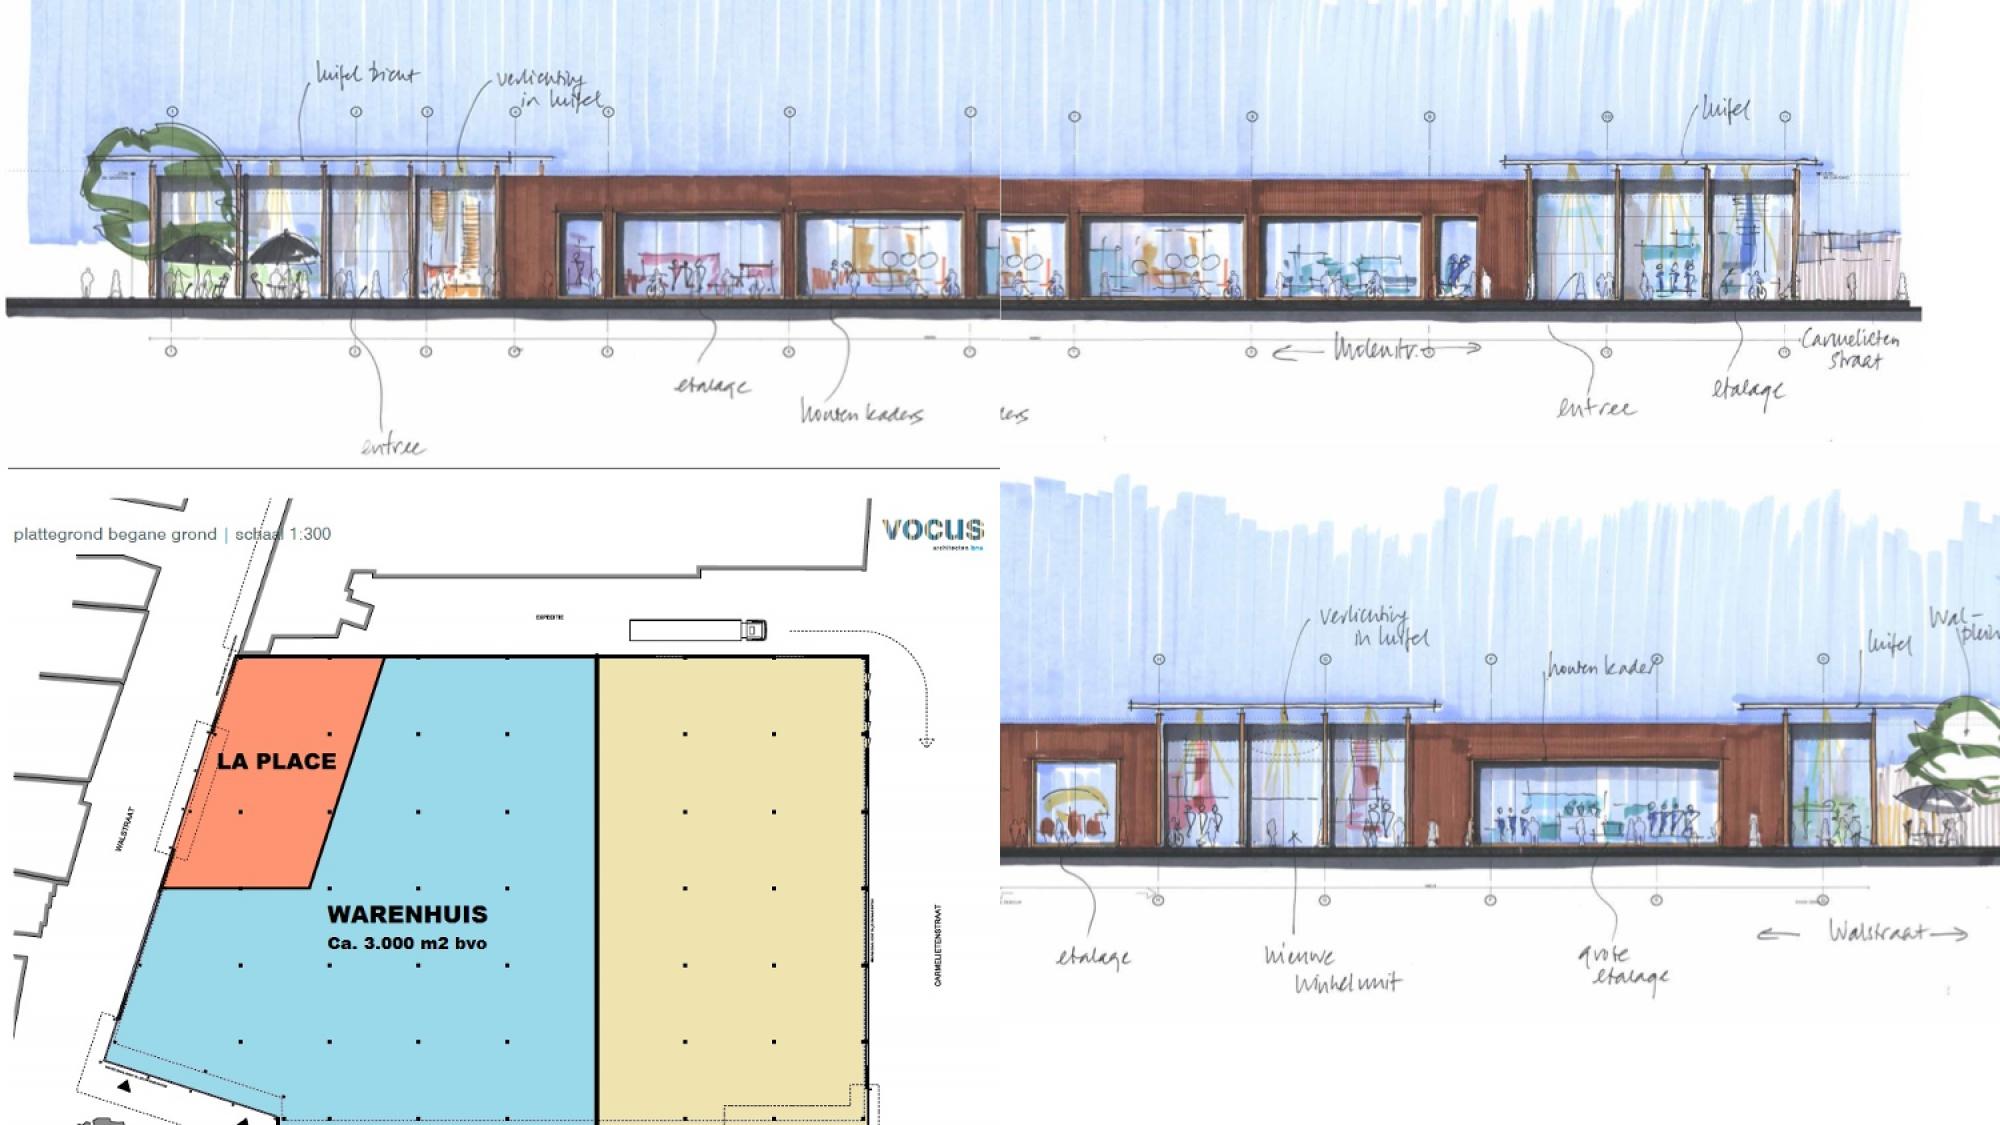 Schets van VOCUS voor een nieuw warenhuis